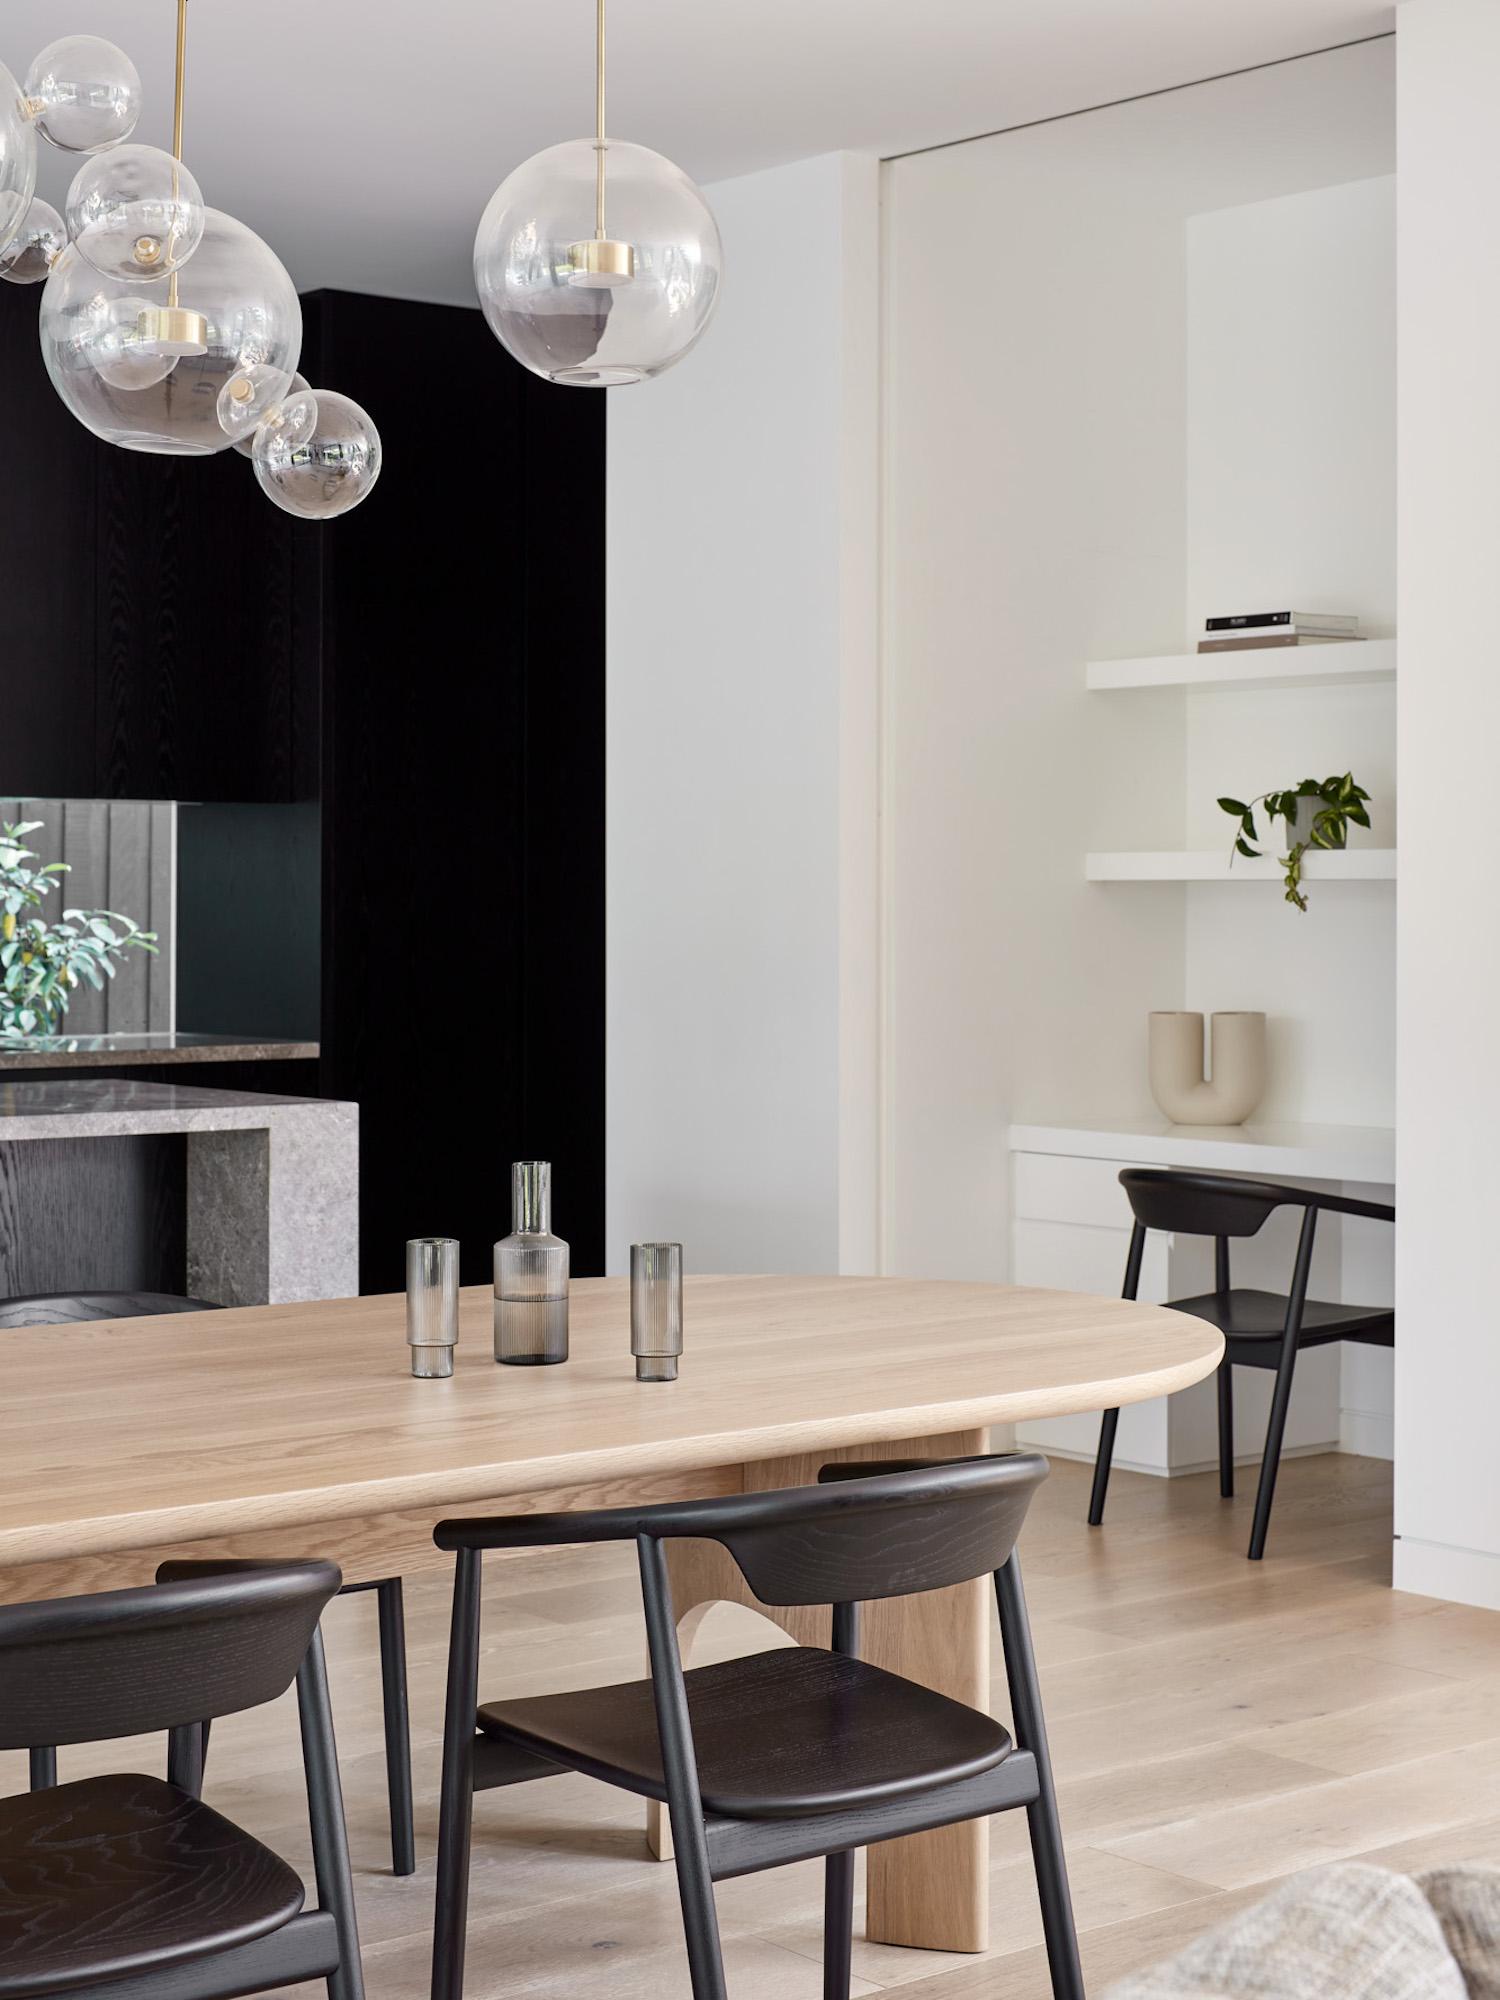 est living vincent house borland architecture 7